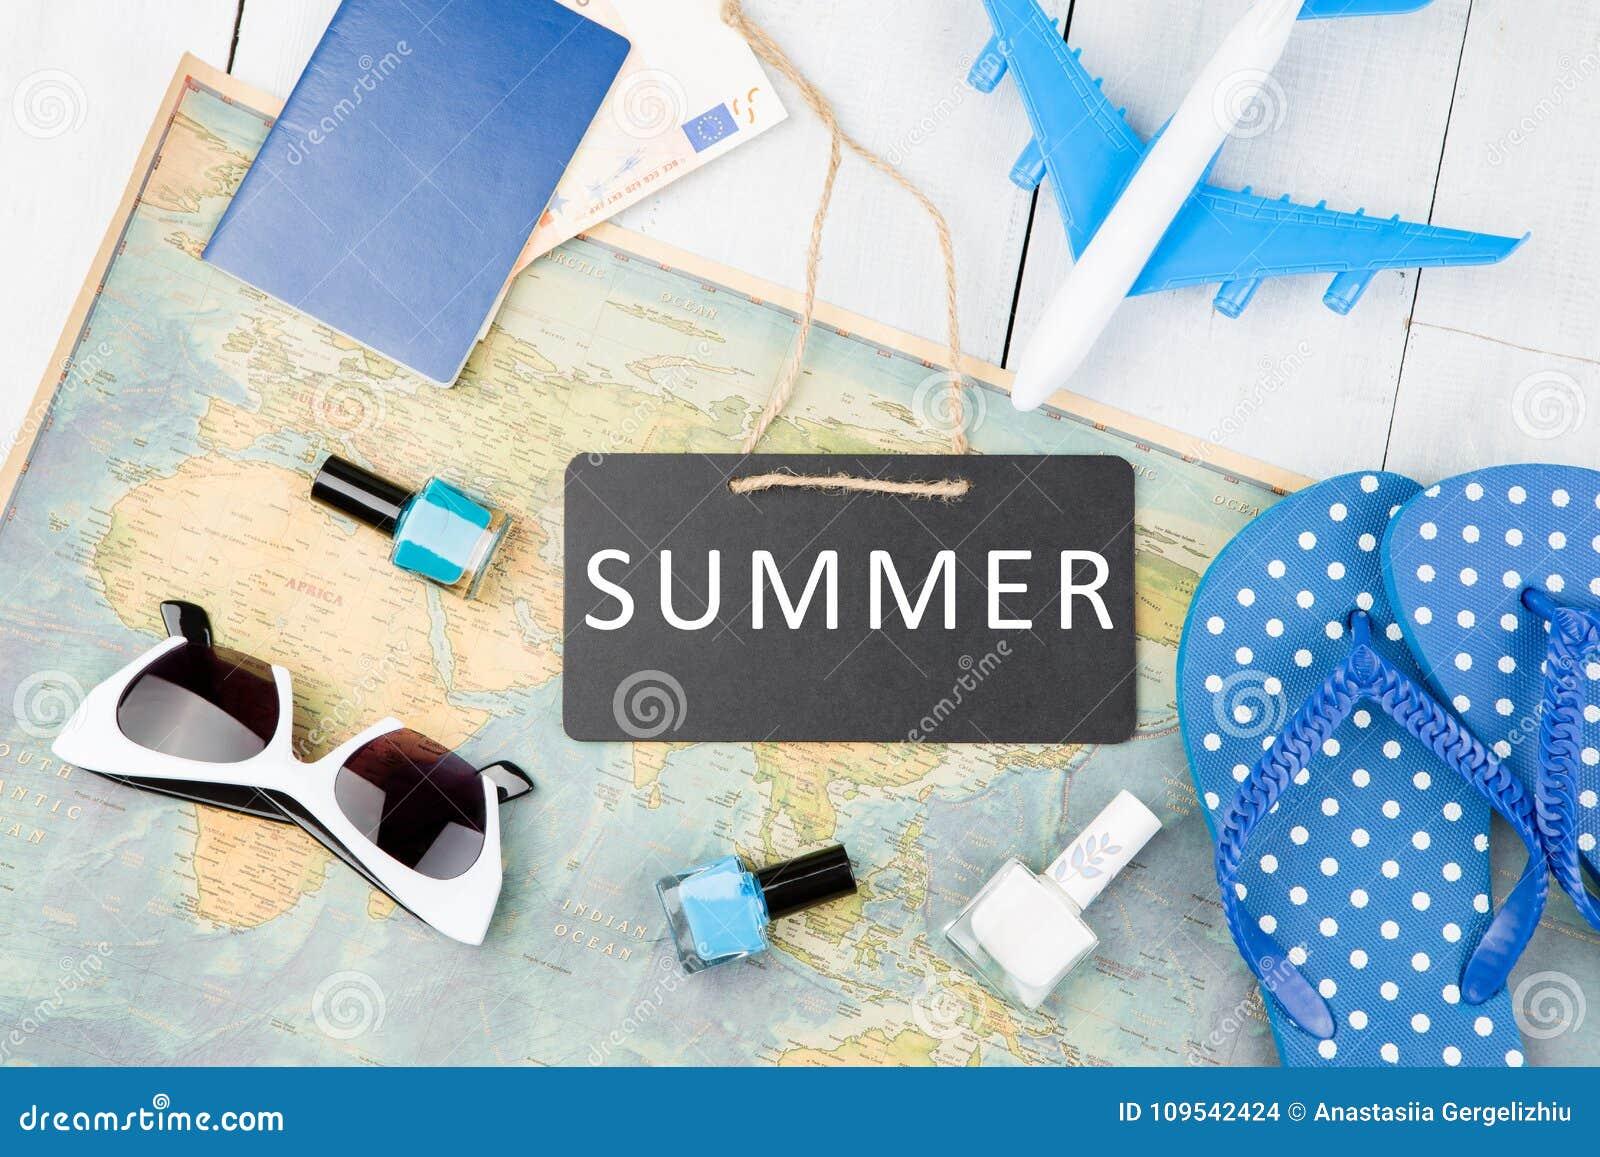 Pizarra con el texto y x22; SUMMER& x22; , avión, mapa, pasaporte, dinero, fracasos y otros accesorios